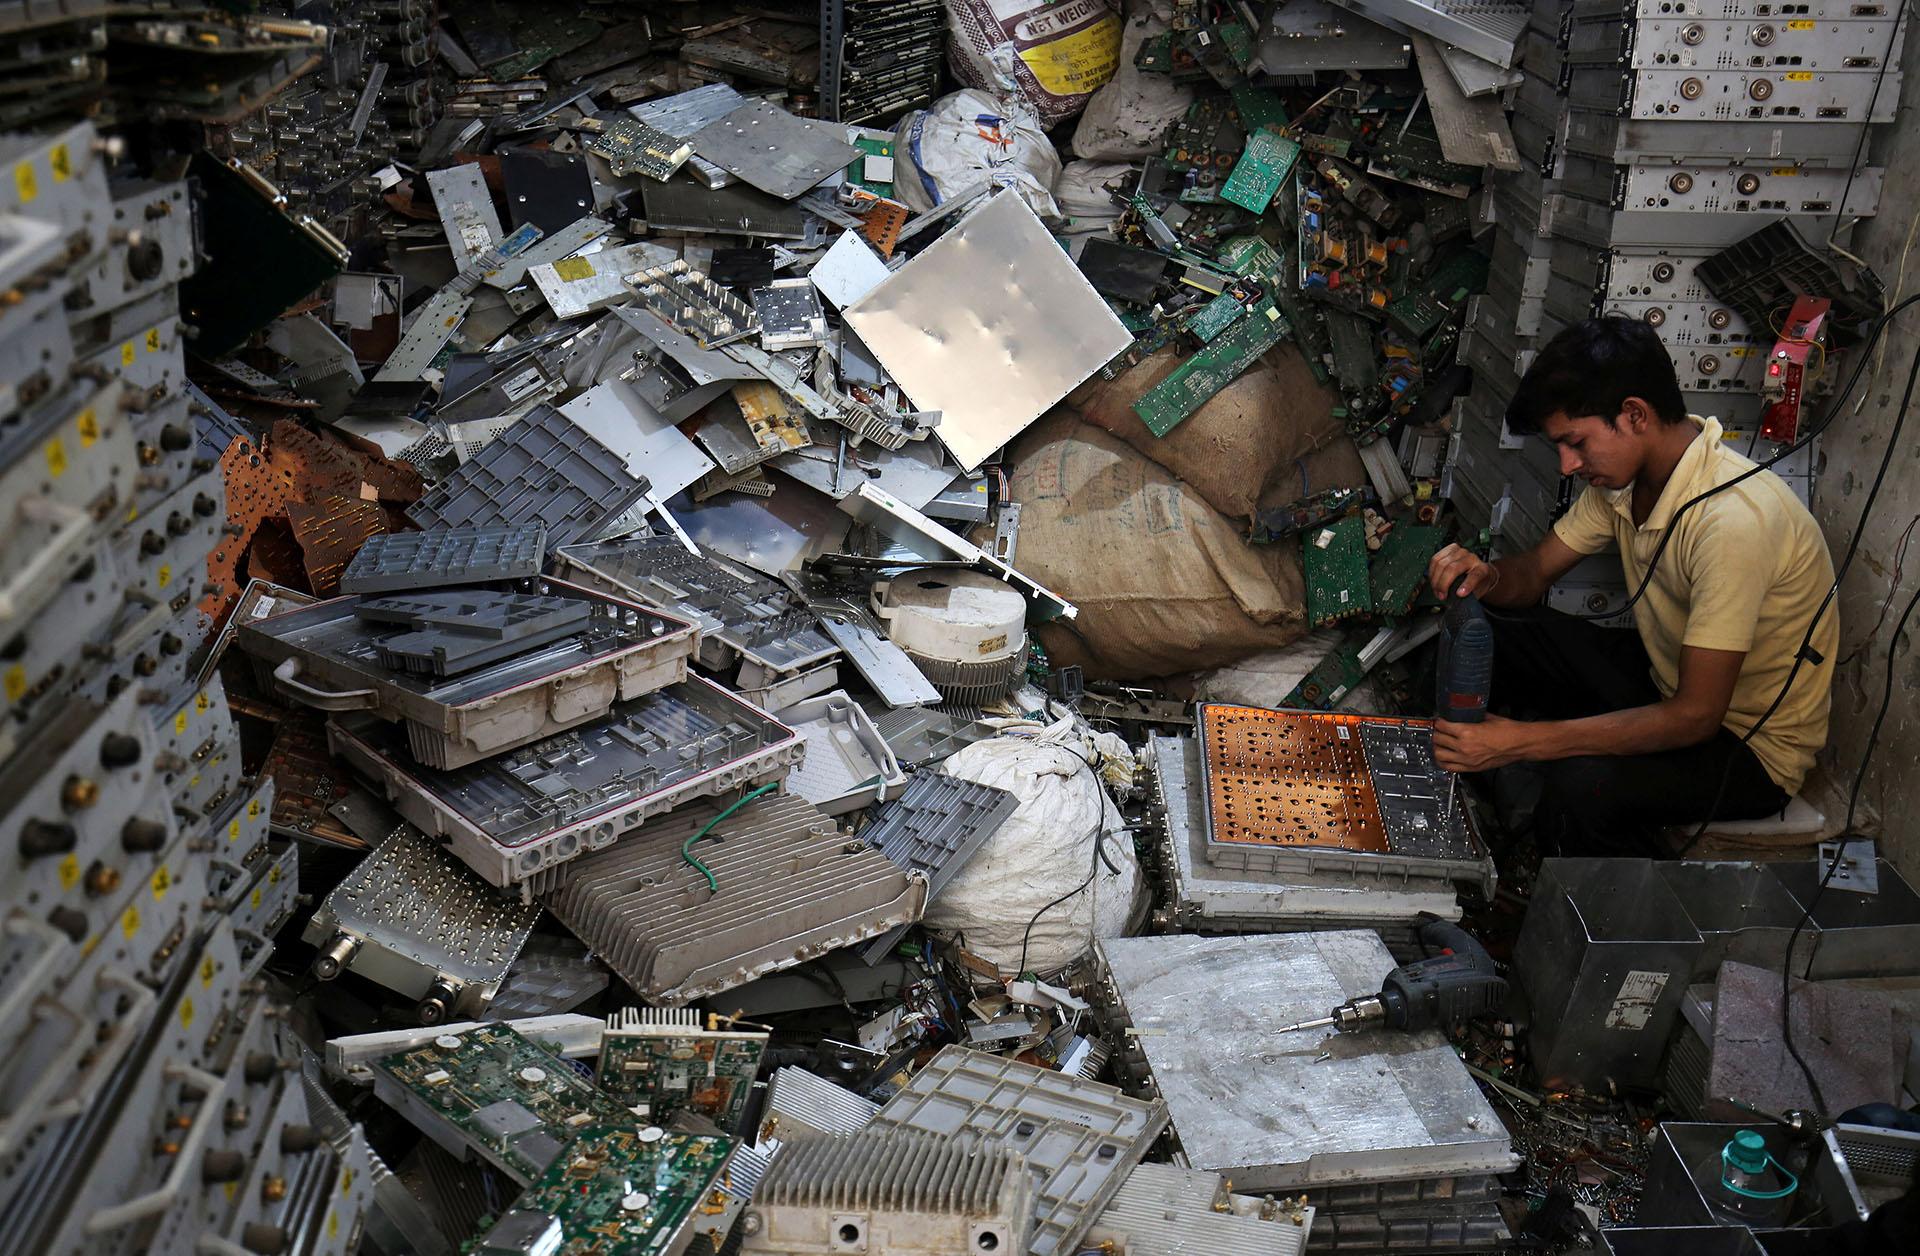 Un trabajador desarma basura electrónica en un taller en Nueva Delhi, India (REUTERS/Amit Dave)